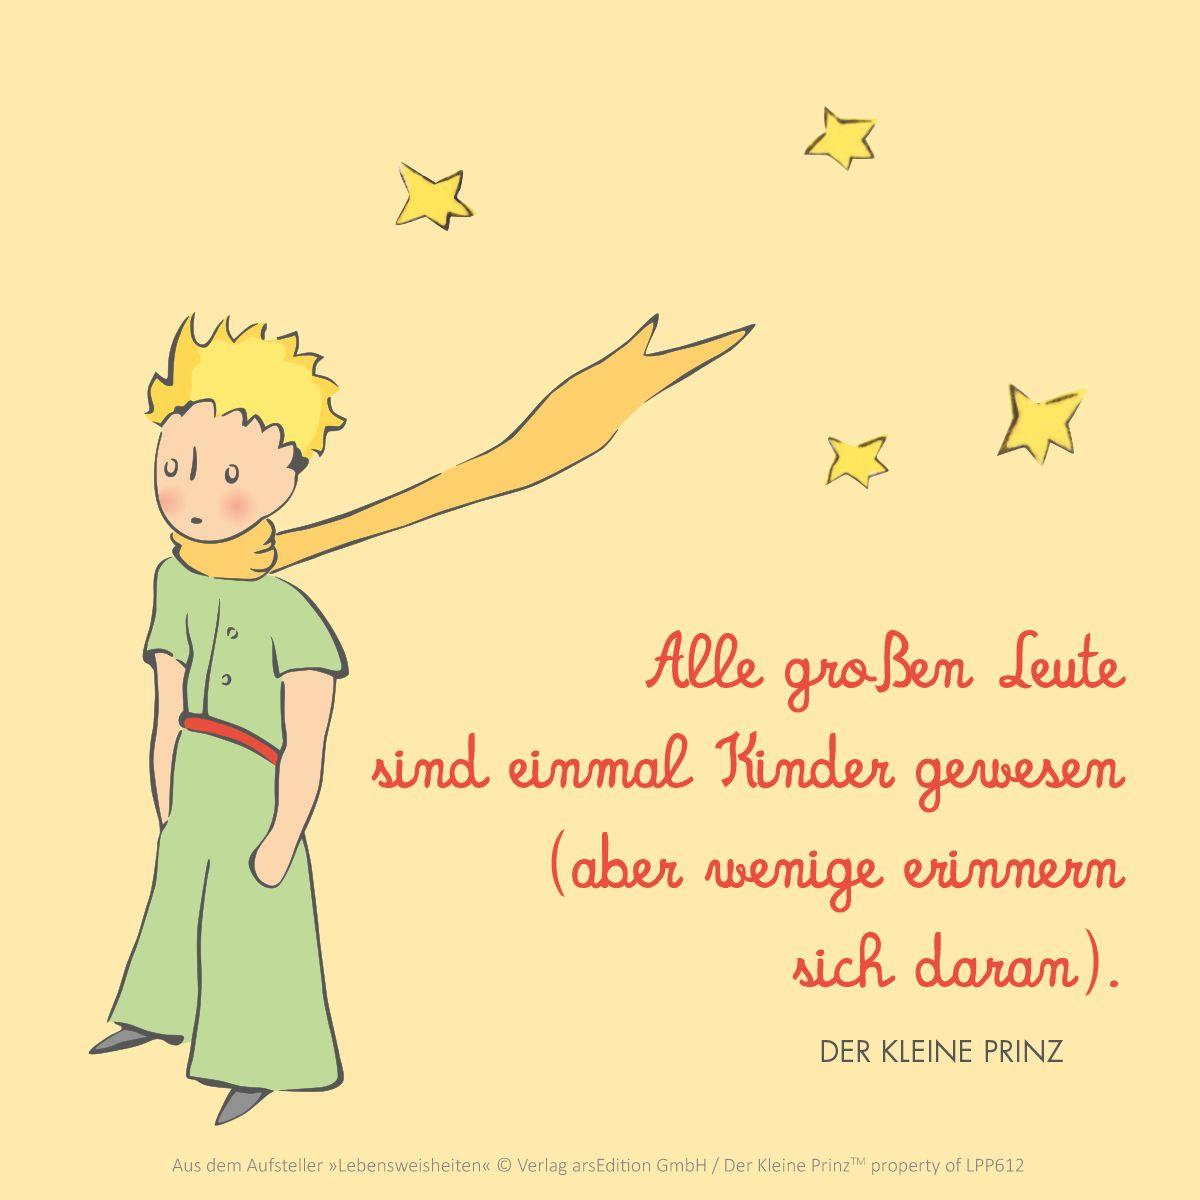 Der Kleine Prinz The Little Prince Zitat Qotd Kinder Geschenkeschatz Arsedition